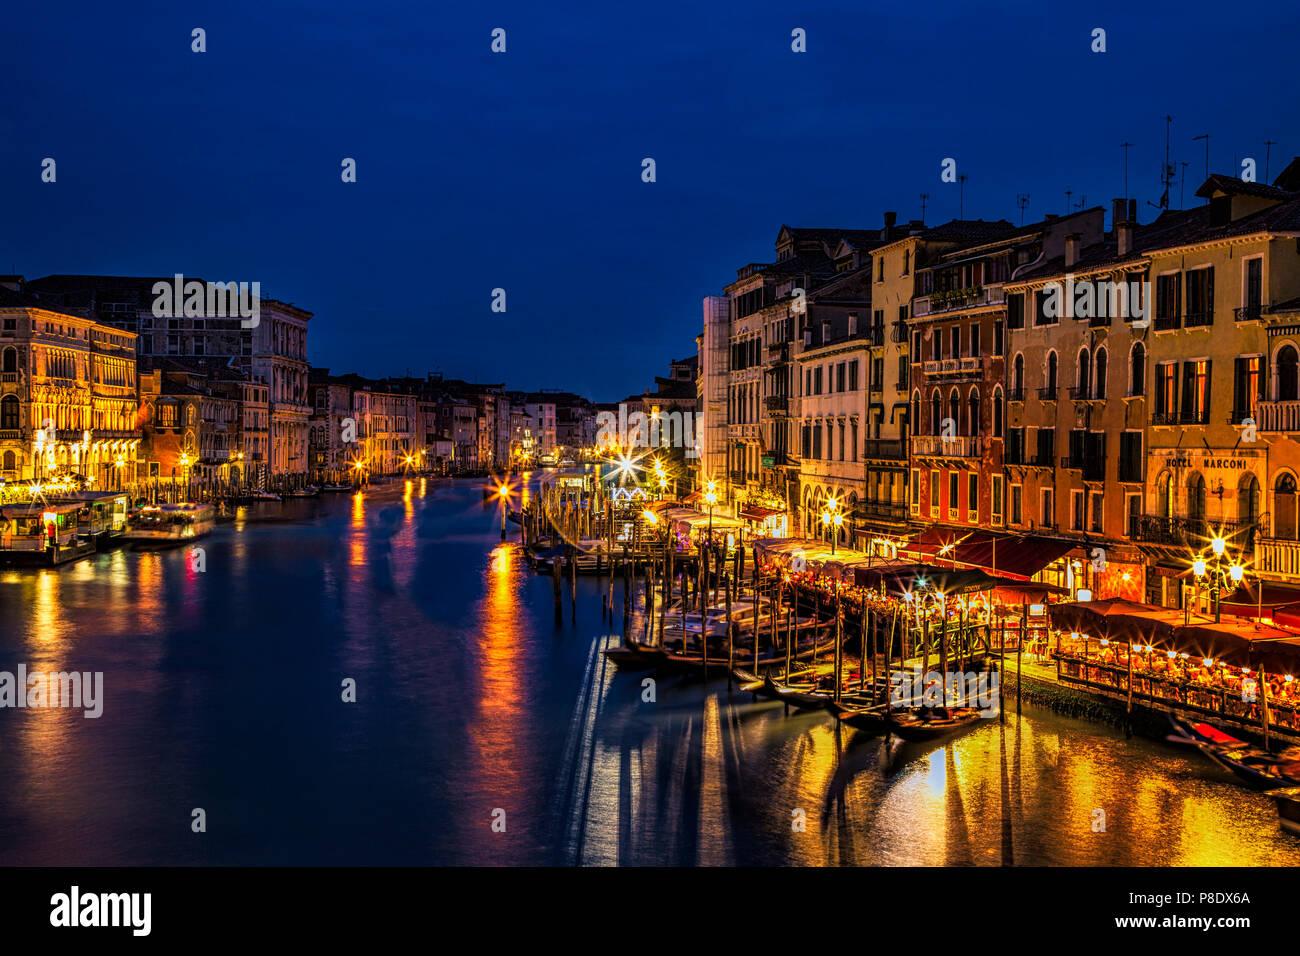 Blick auf den Grand Canal in der Dämmerung von der Rialto-Brücke in Venedig, Italien Stockbild